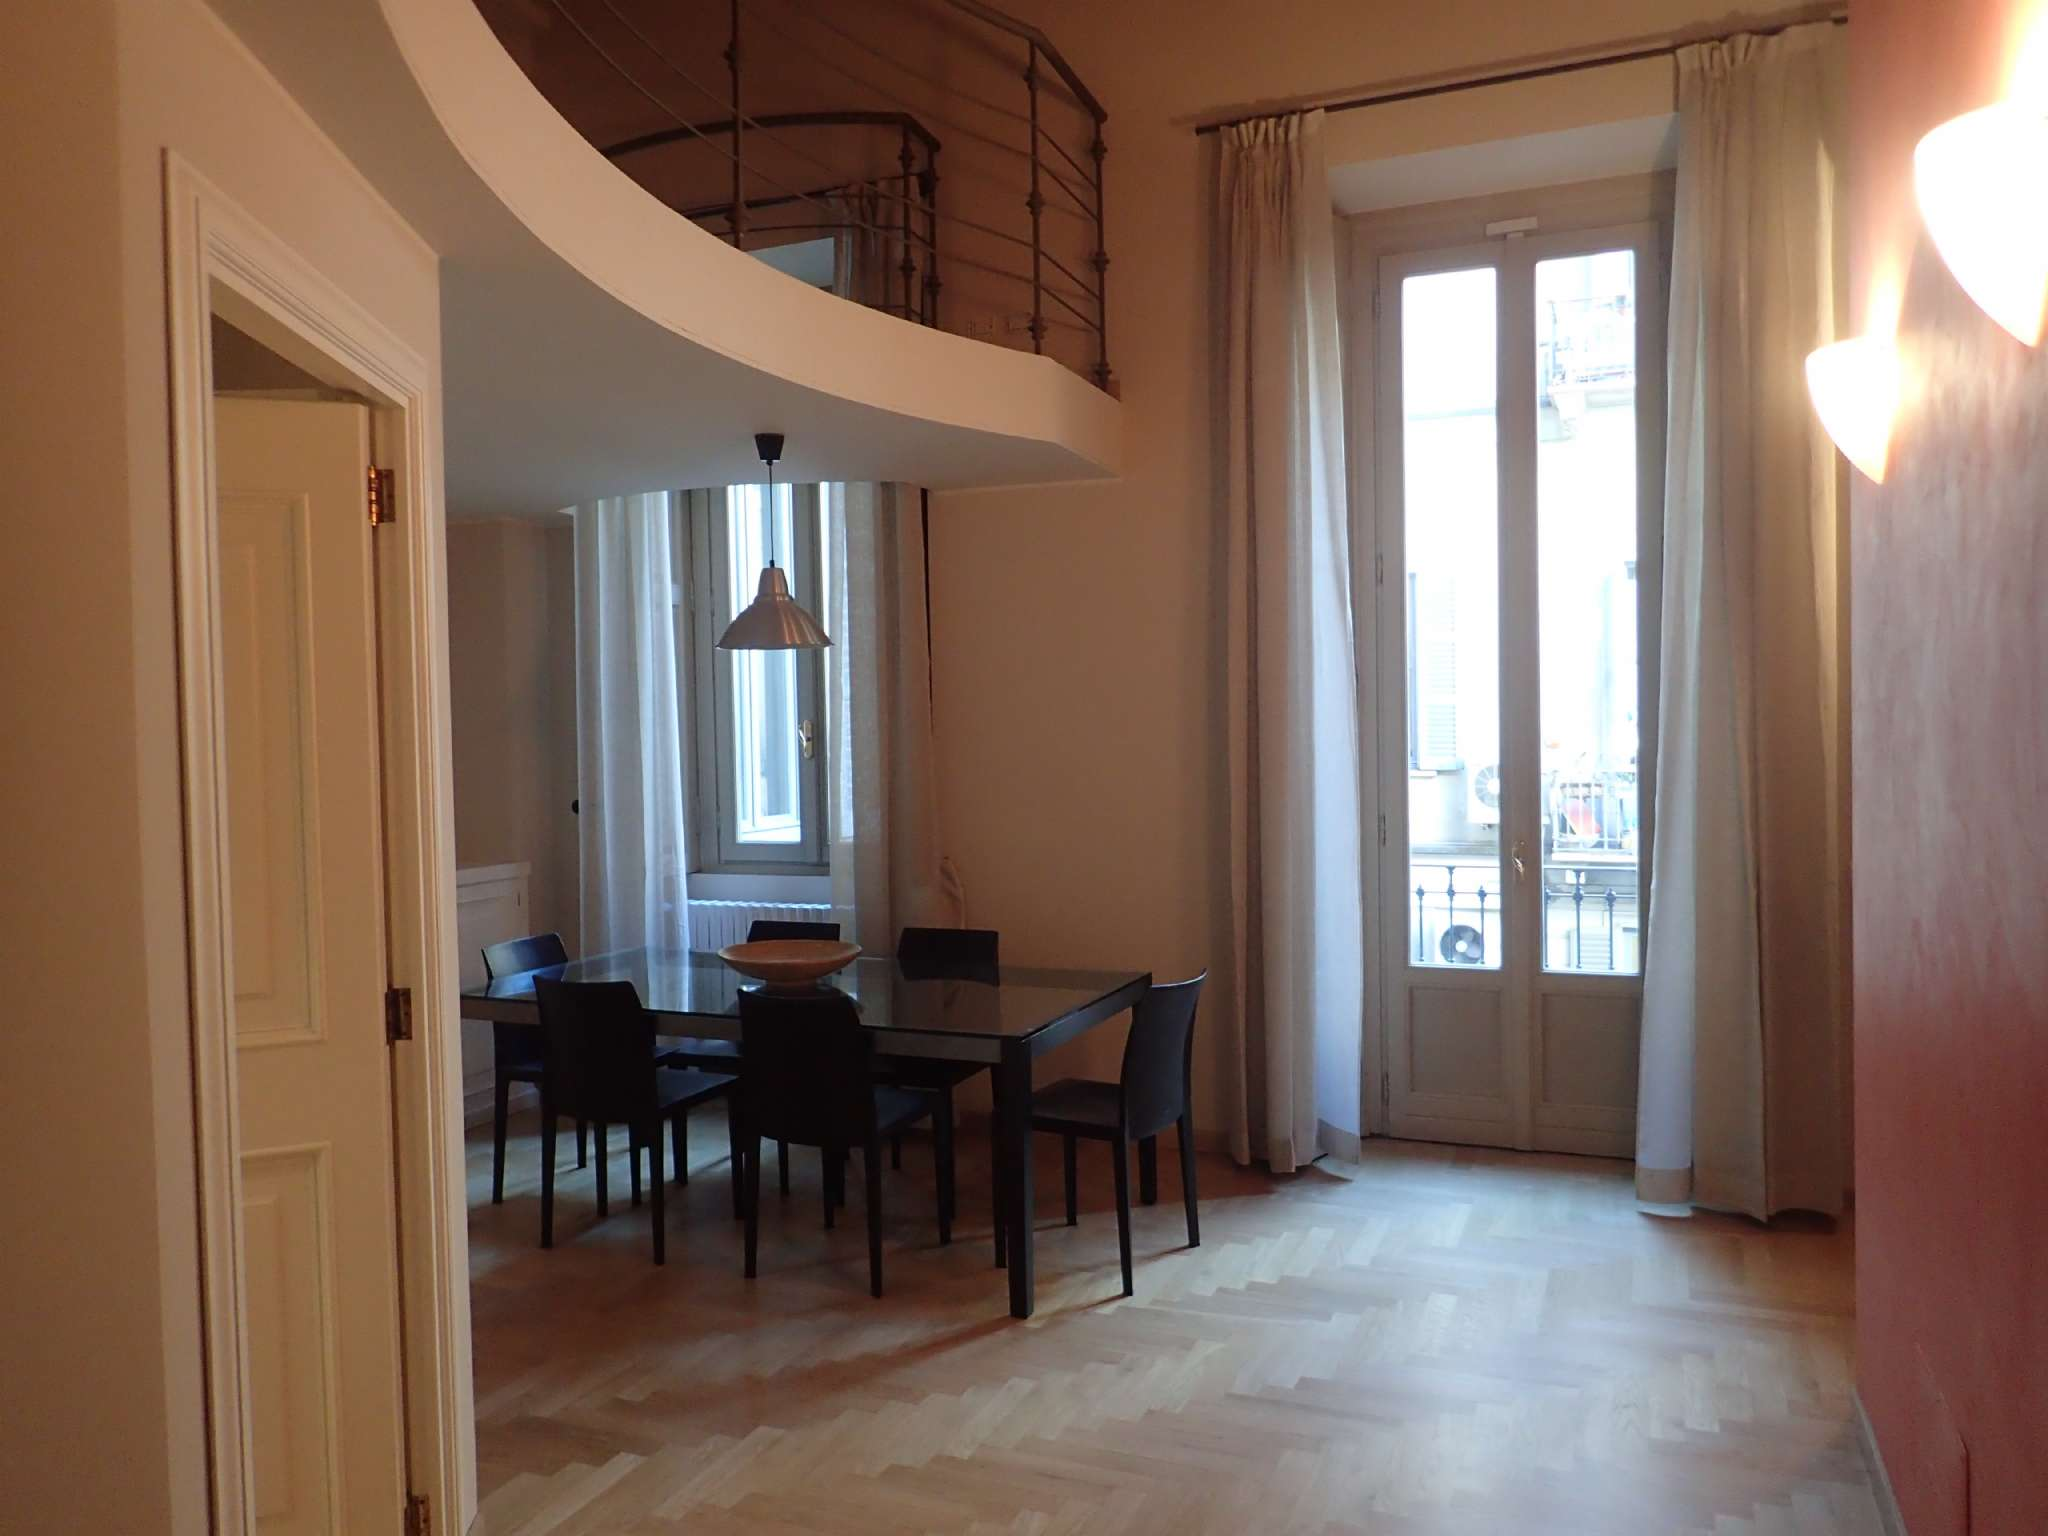 Appartamento in affitto a milano foro buonaparte for Appartamento design affitto milano